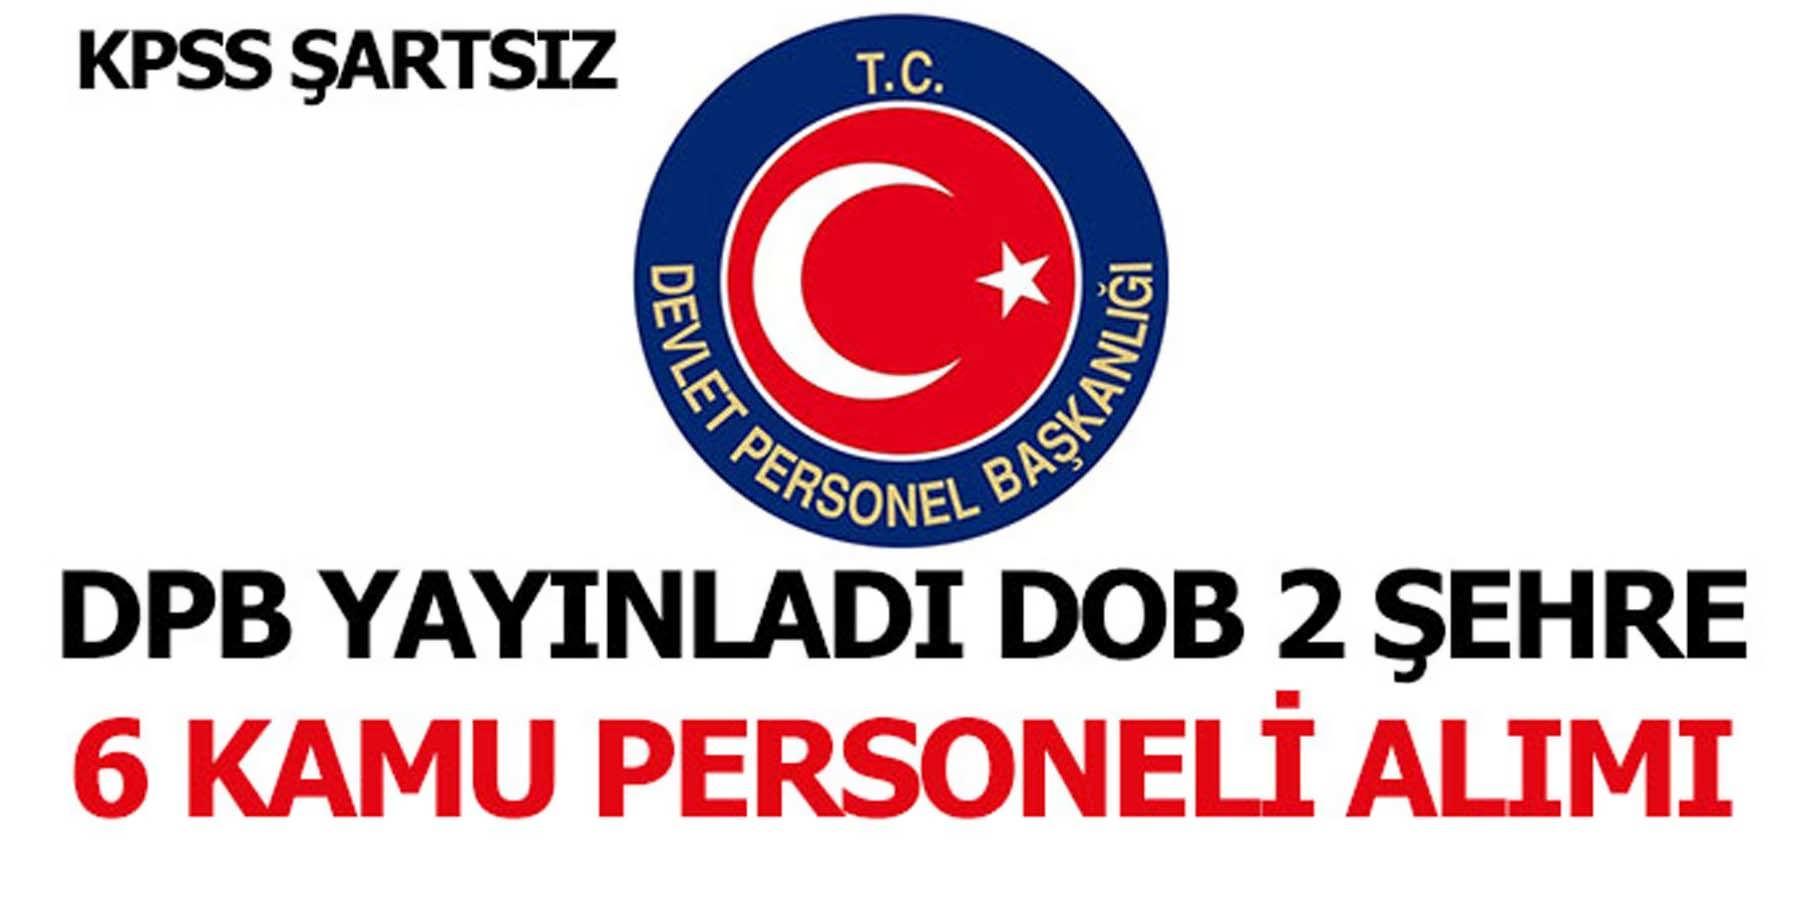 DPB Yayınladı KPSS Şartsız DOP 6 Kamu Personel Alımı